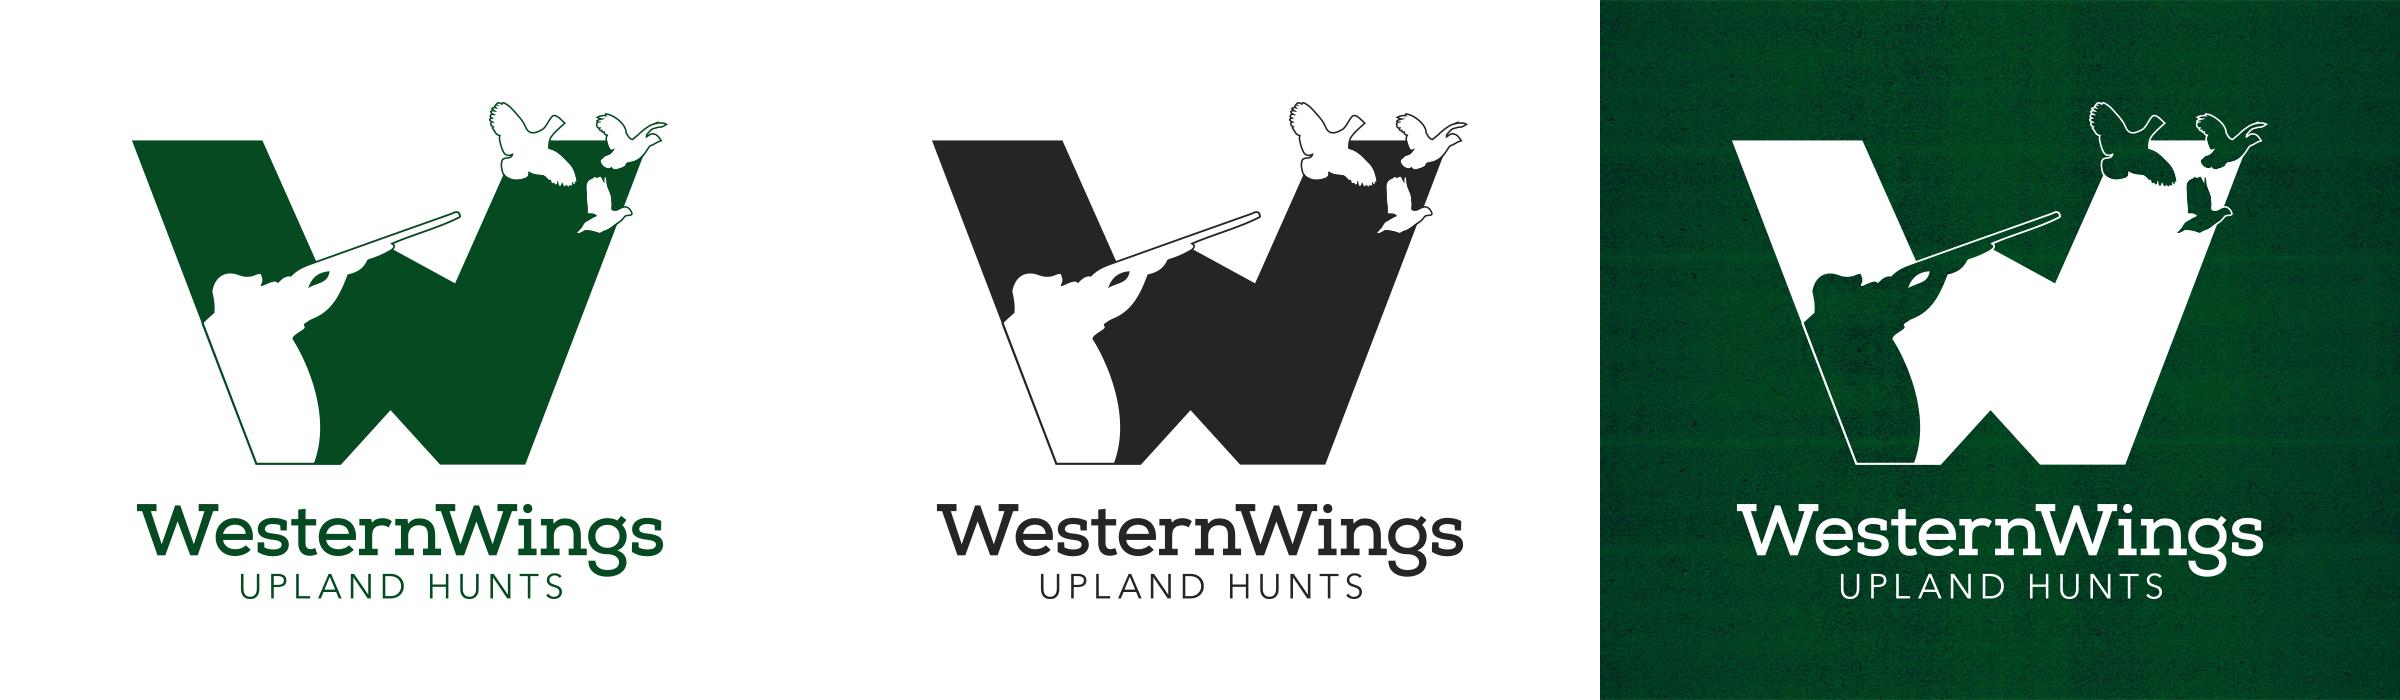 Western-Wings-Branding.jpg